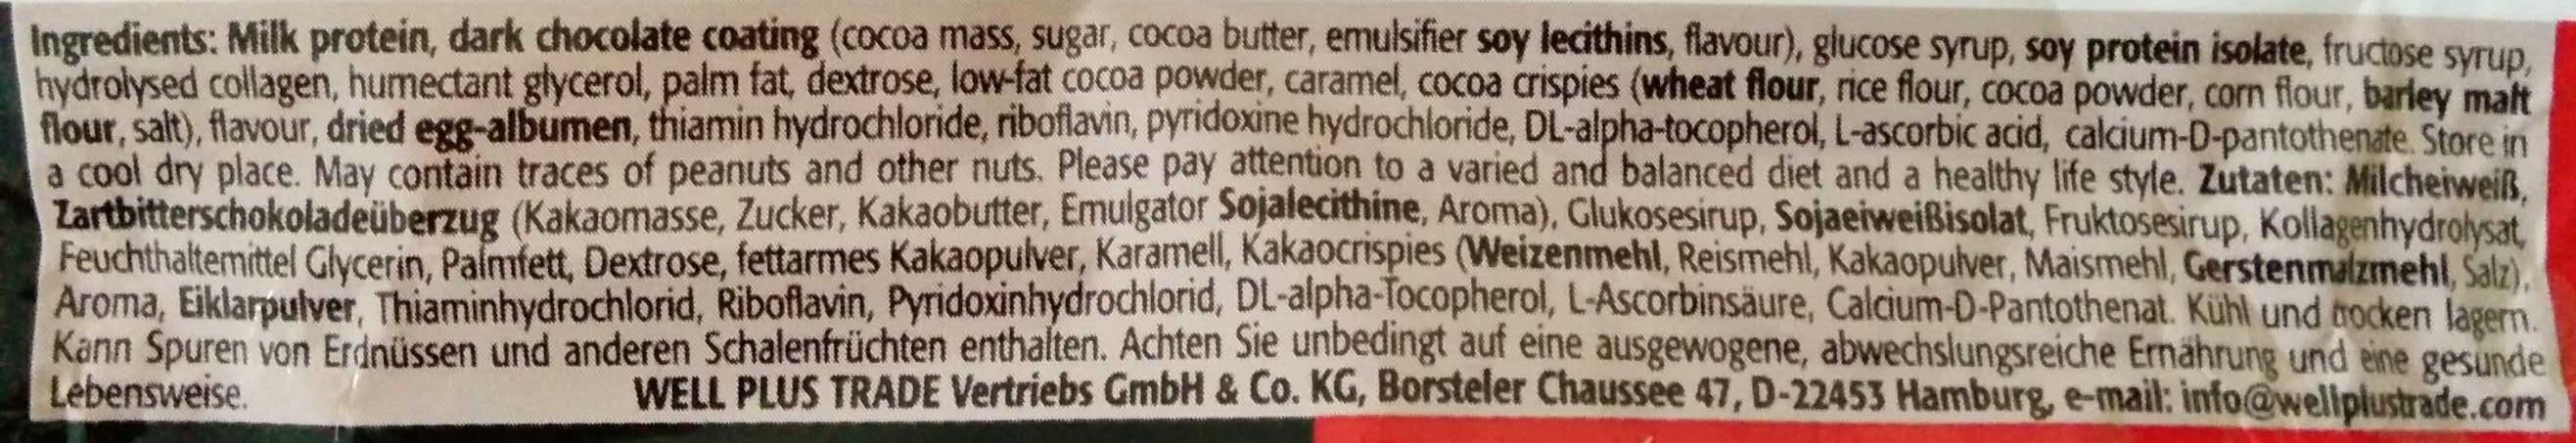 Protein Bar mit Dark Chocolate Geschmack - Zutaten - de